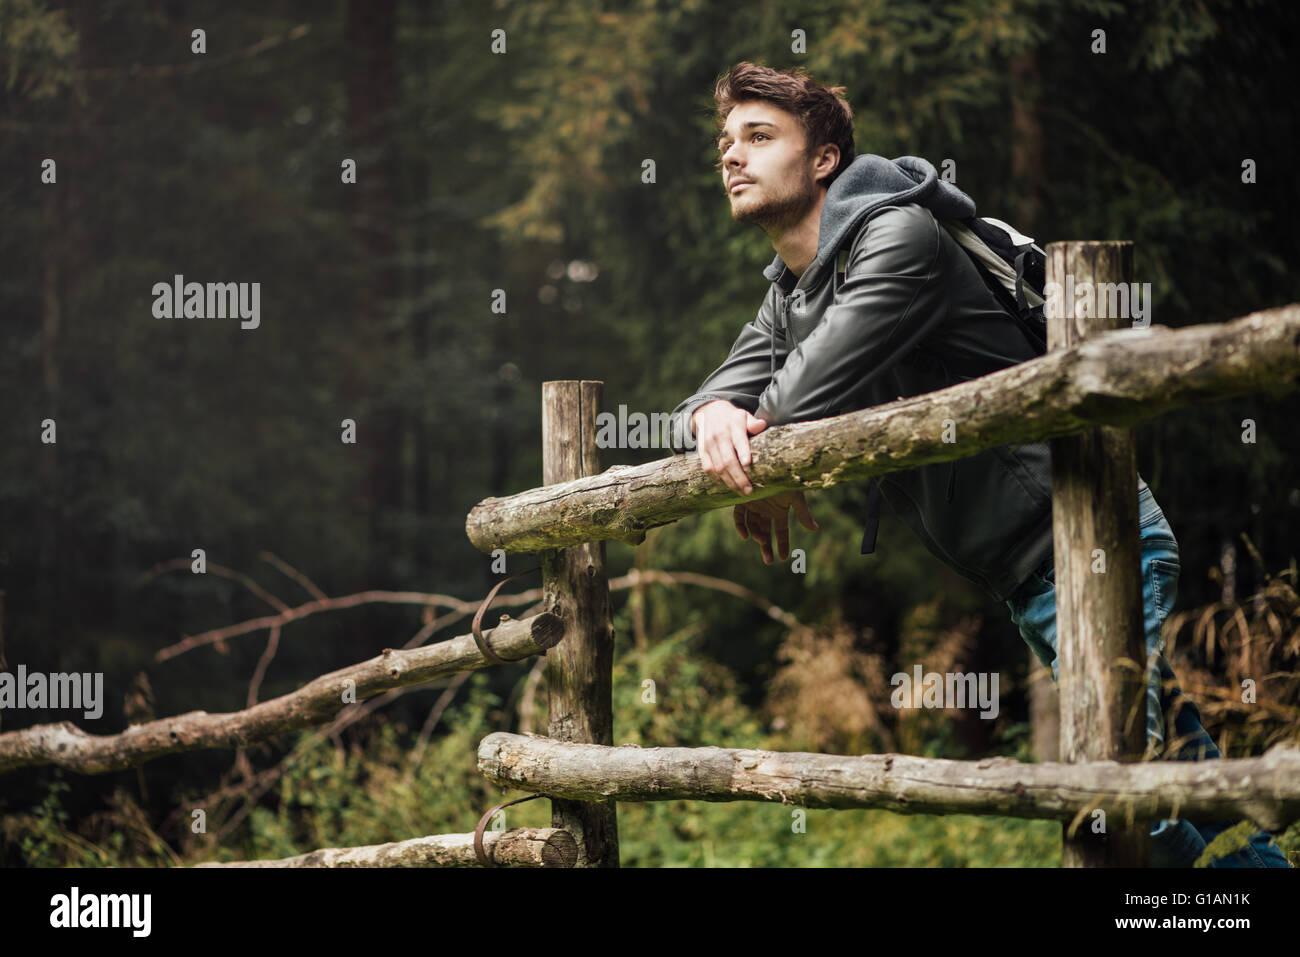 Jeune homme avec sac à dos en randonnée dans la forêt et s'appuyant sur une clôture en bois, Photo Stock